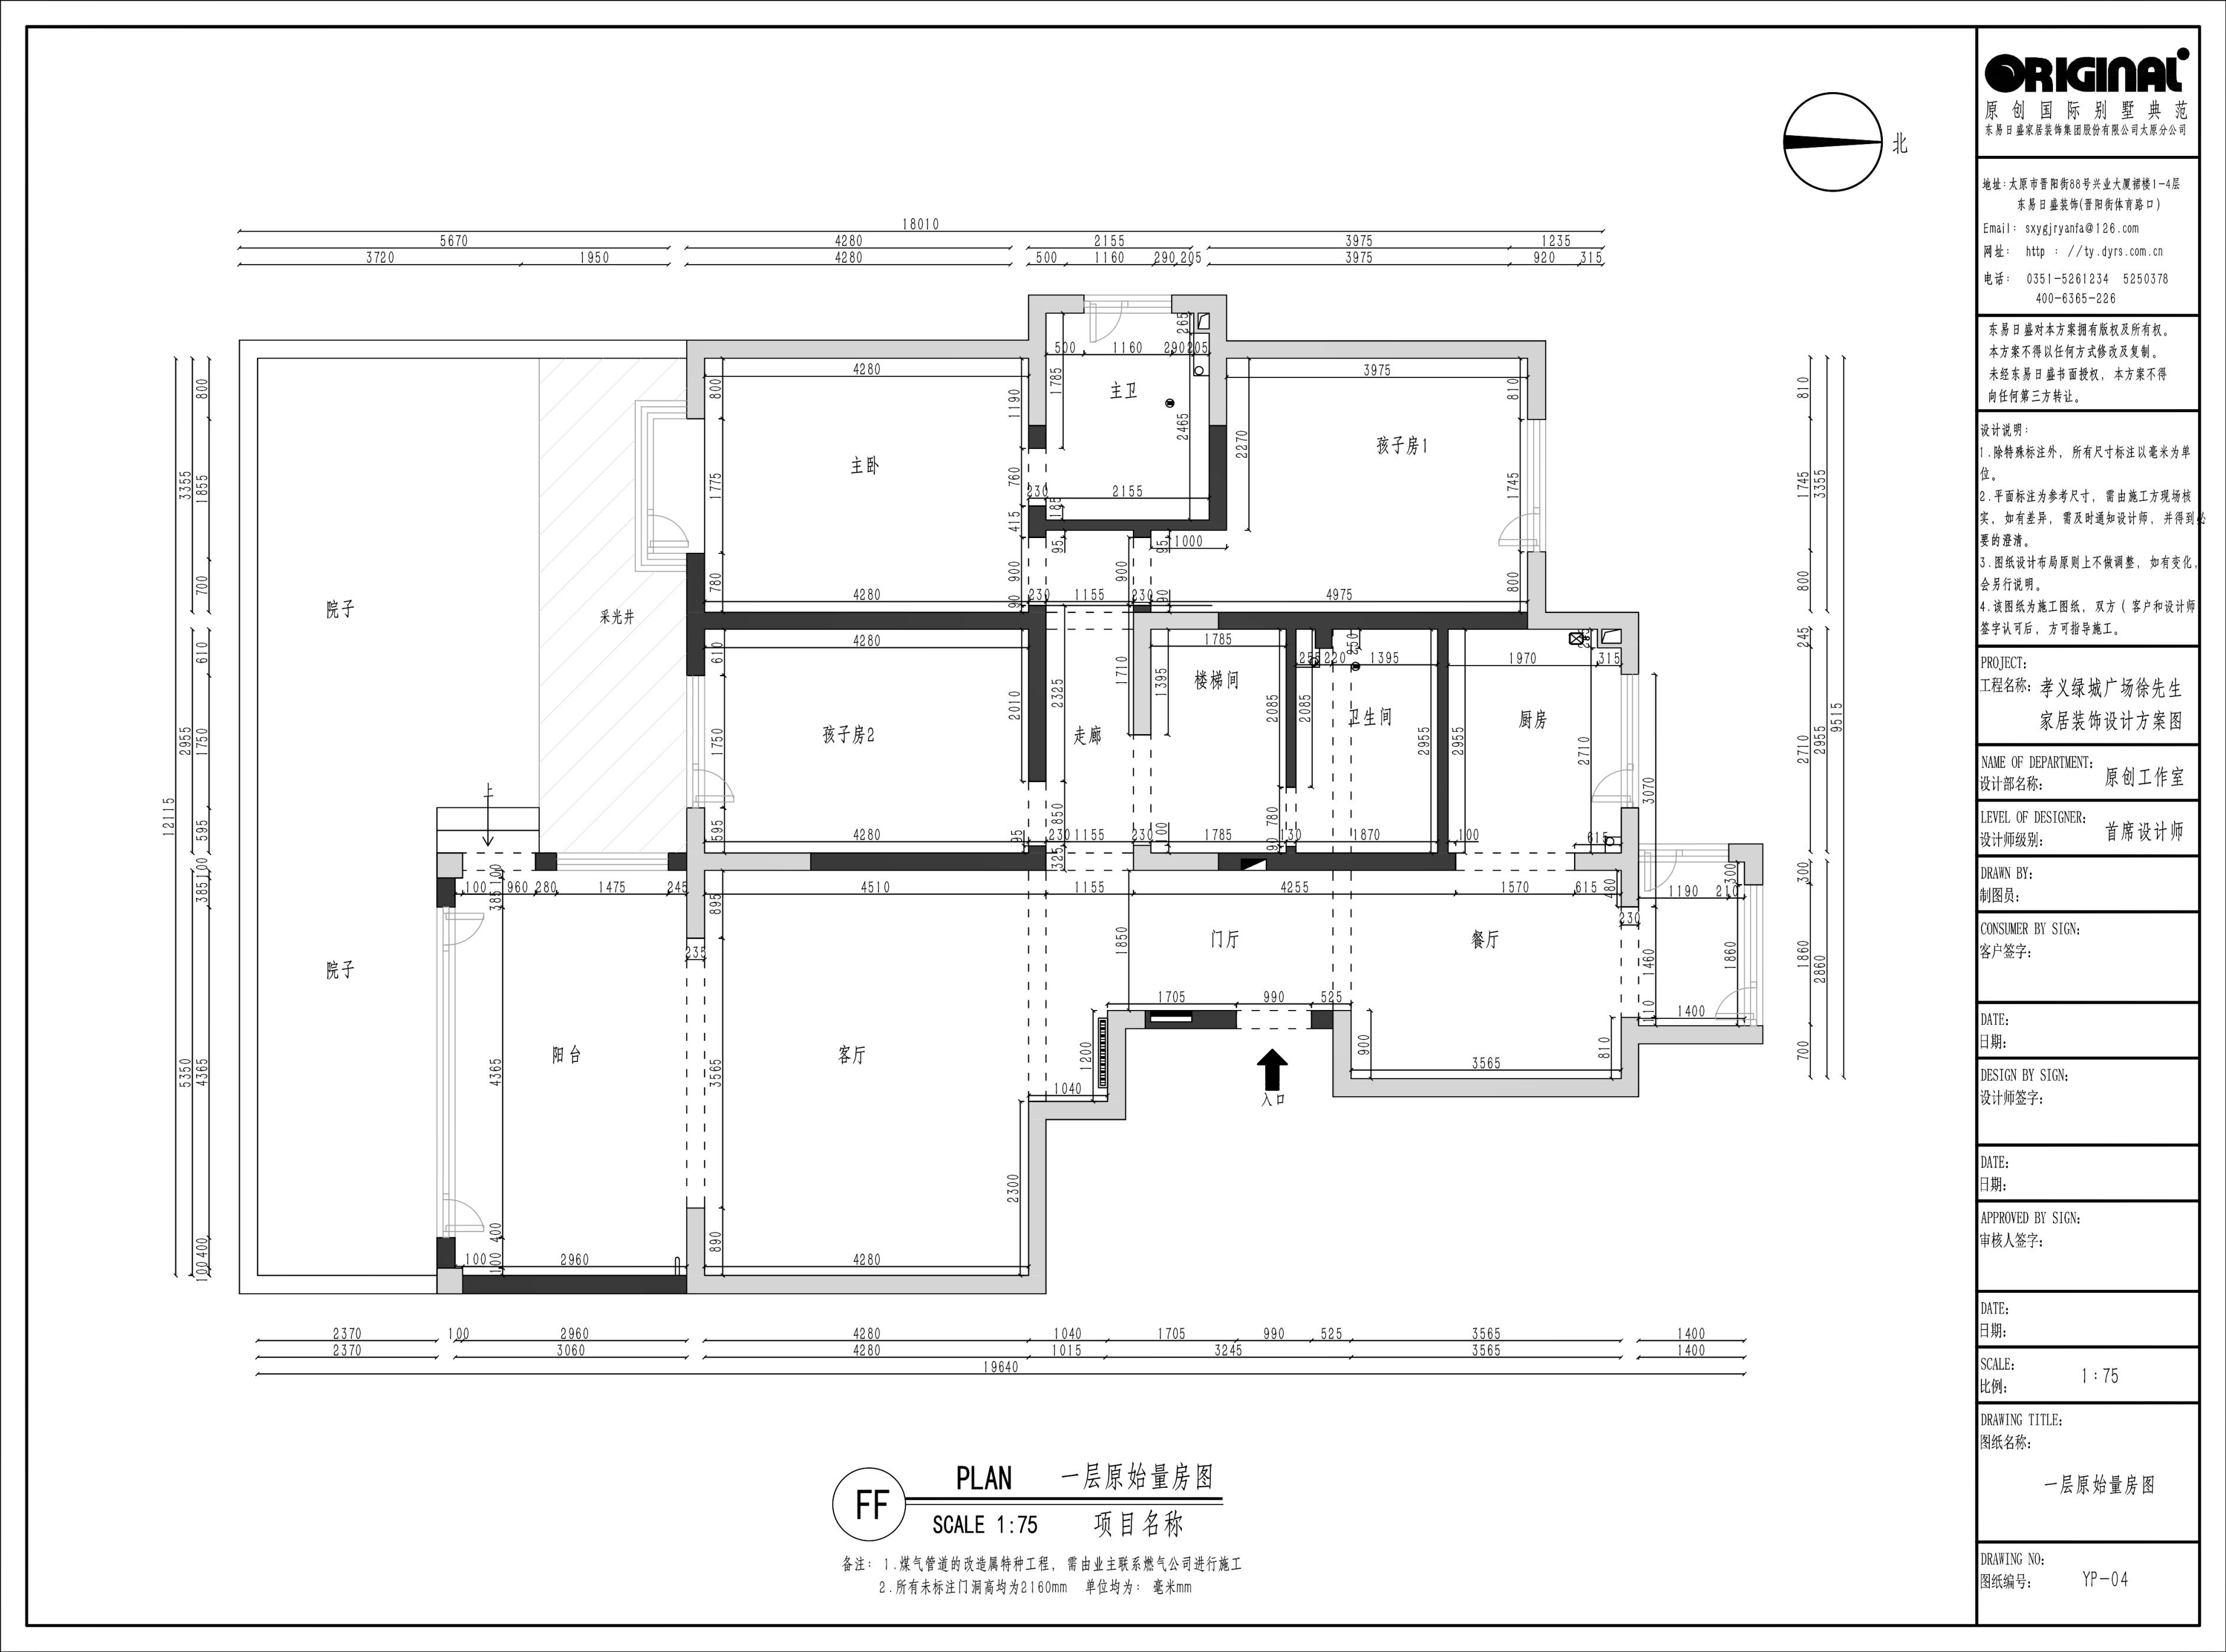 孝義綠城廣場 275平米裝修案例 簡美風格裝修效果圖裝修設計理念